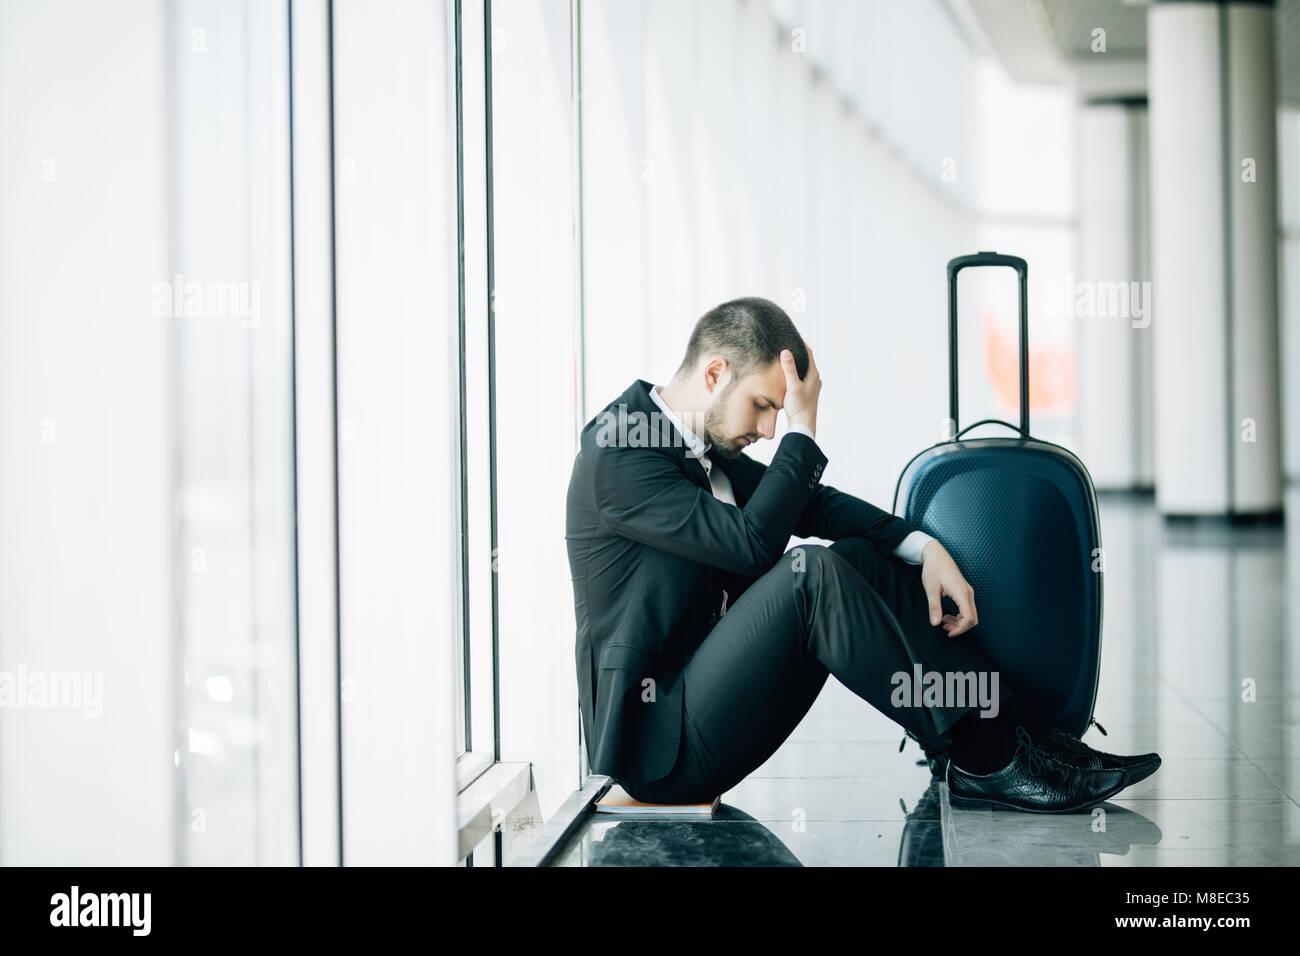 Business man sitting at the airport terminal sur le plancher avec valise vol retardé, deux mains se touchent en tête, maux de tête, attendant le voyage. Banque D'Images